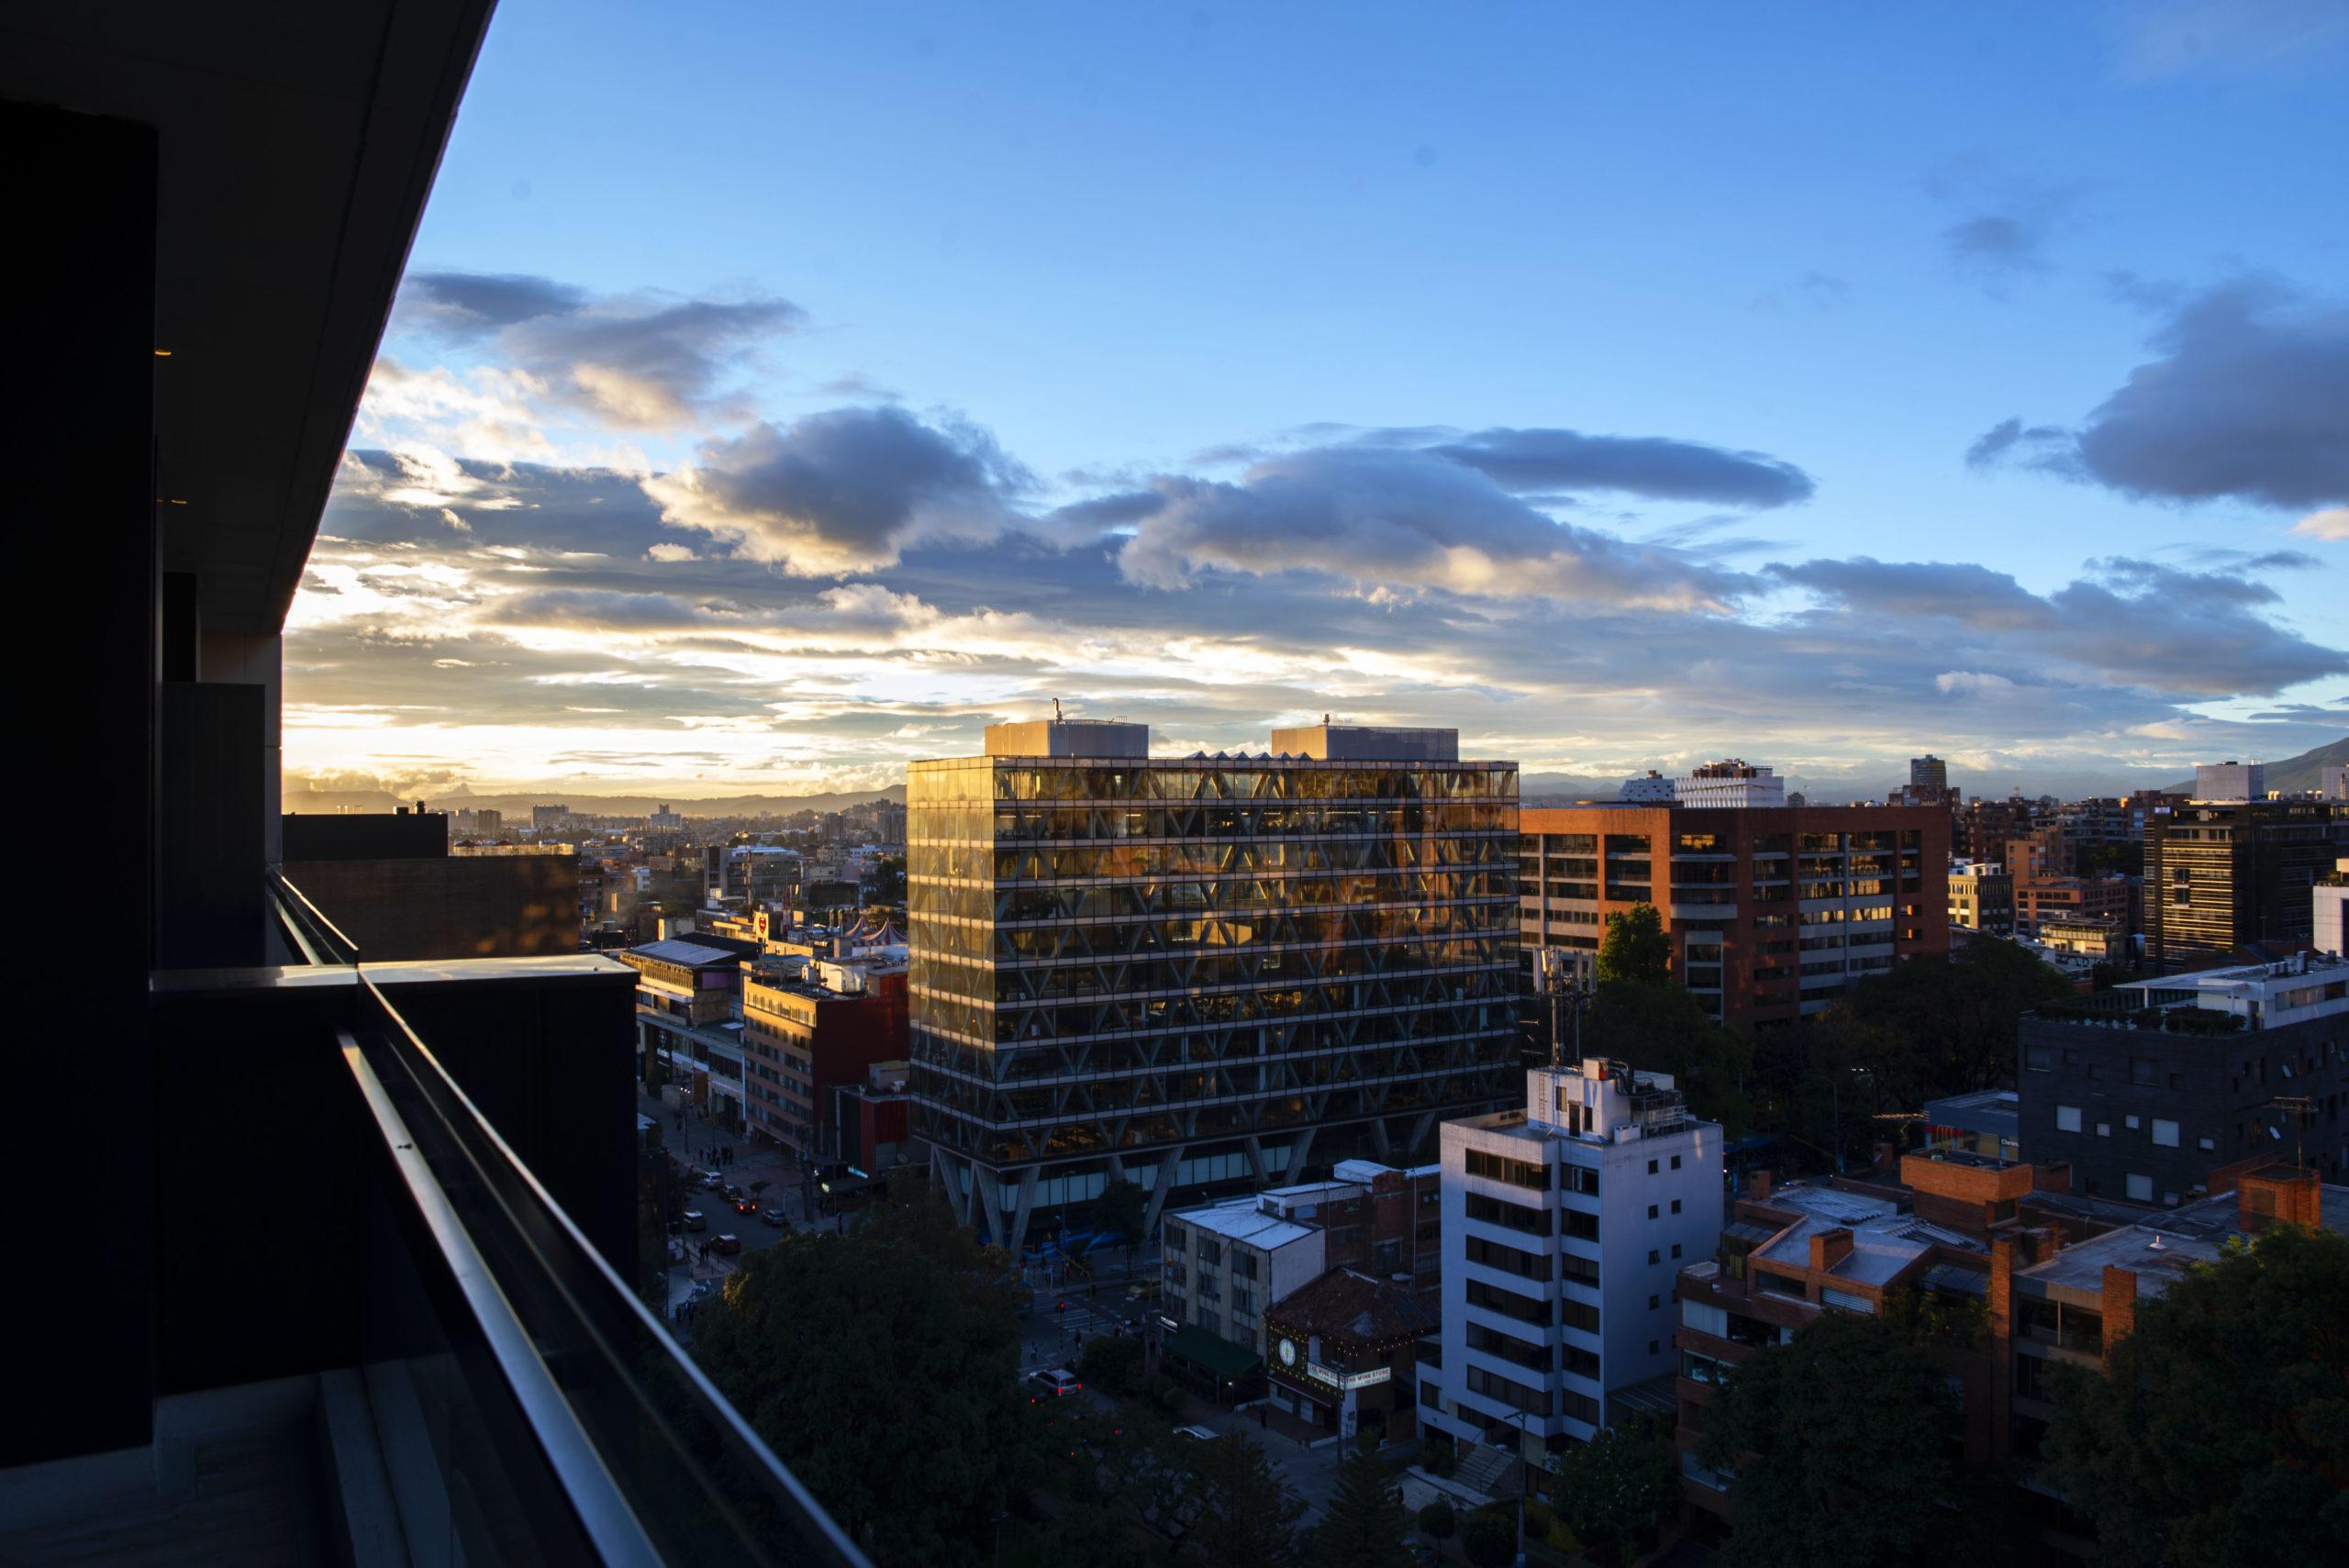 Vista panorámica al atardecer de los edificios en la zona T, Parque el nogal y el Barrio el Chicó